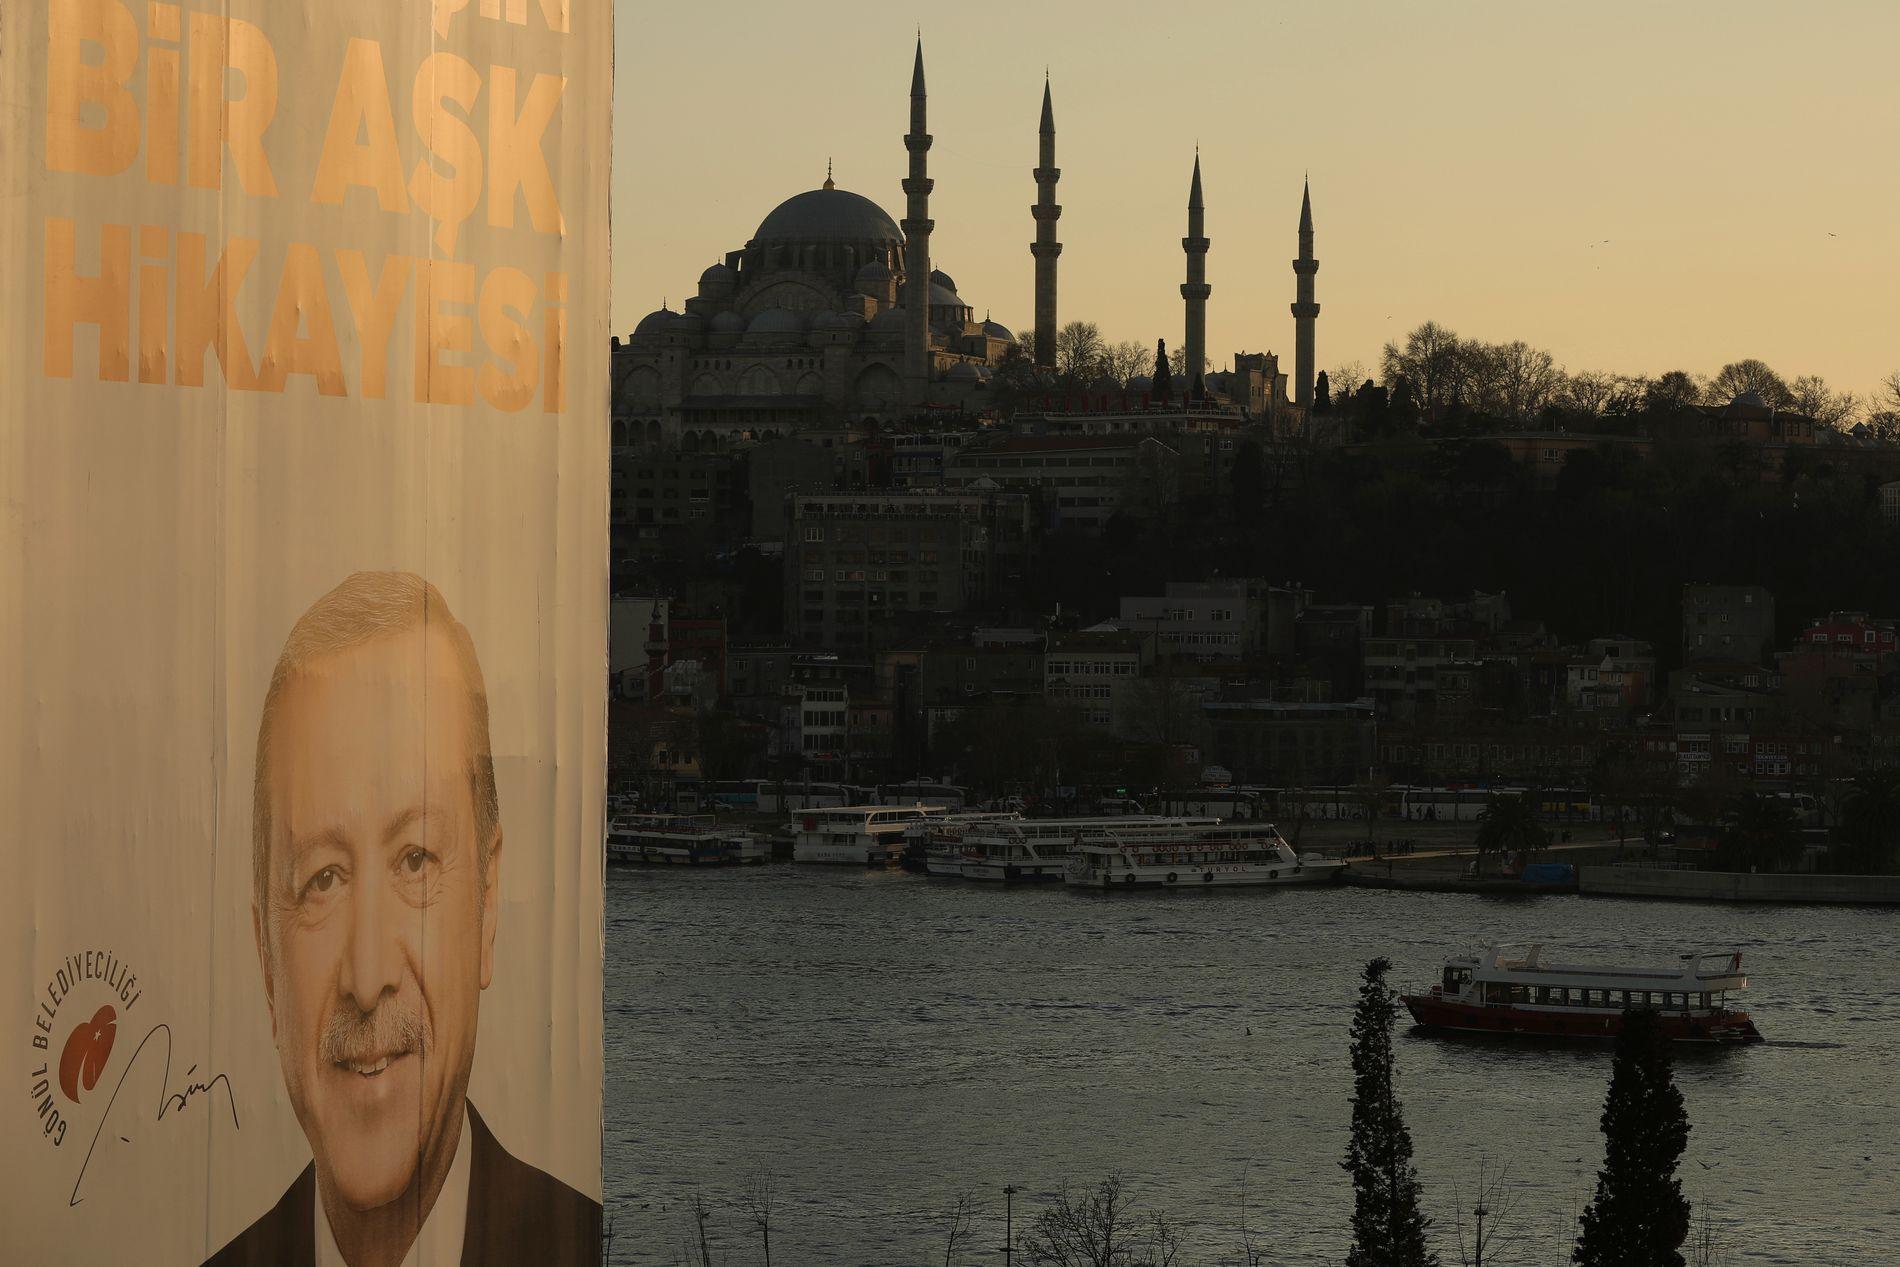 LANDEMERKE: Plakater av Erdogan er å se over alt. I bakgrunnen Ayasofya, Tyrkias mest kjente bygg, som Erdogan vil endre fra museum til moské.